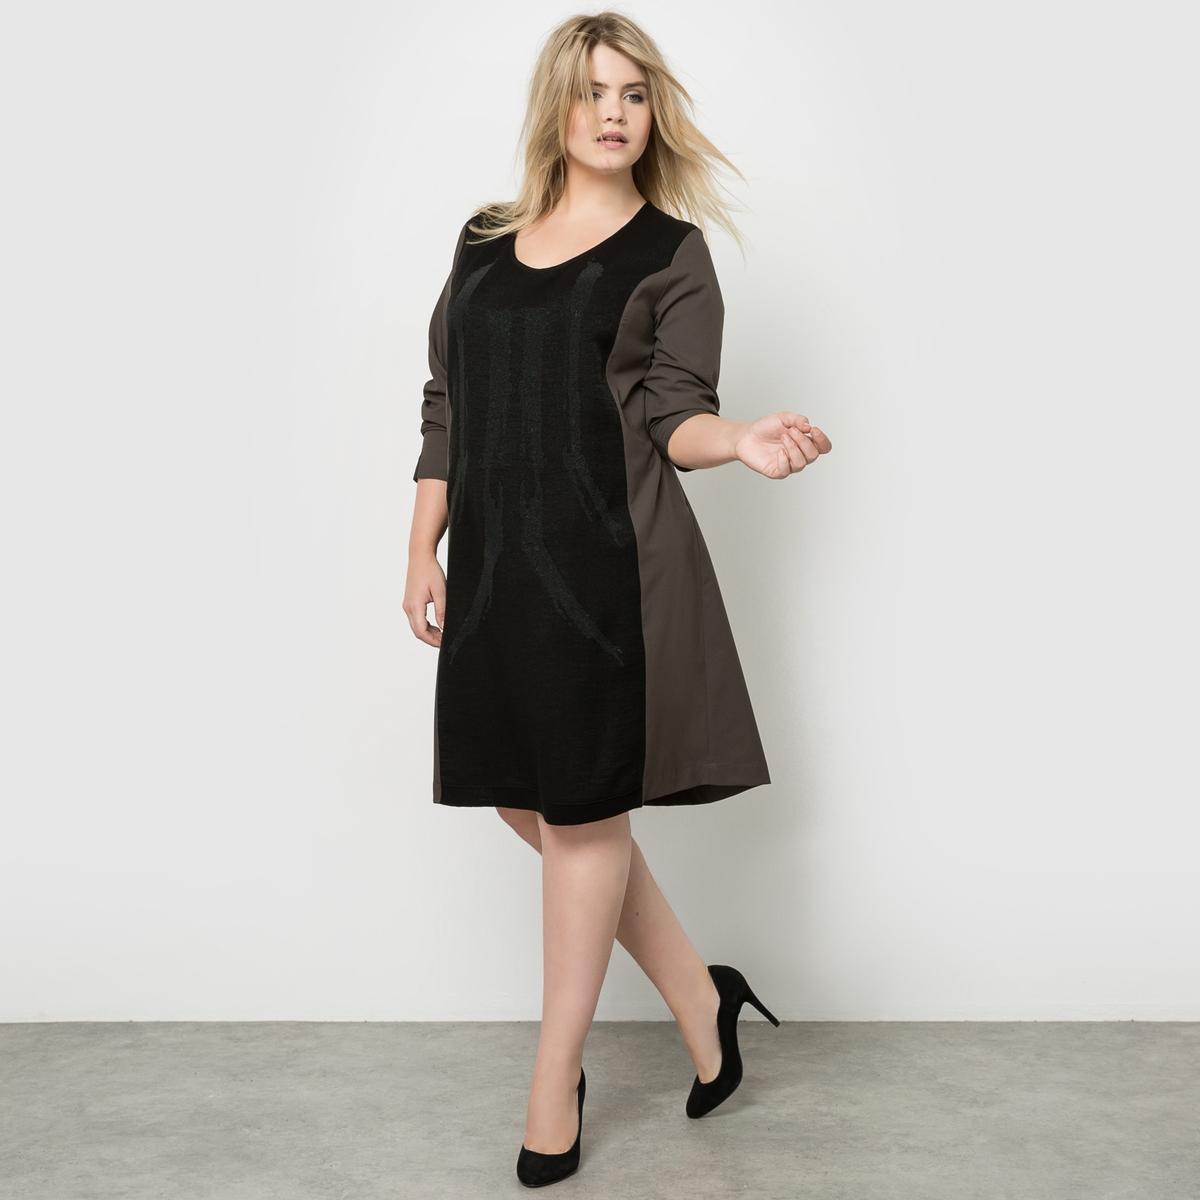 ПлатьеИзысканное и очень удобное платье из блестящего креп-стрейча с принтом икринки.  V-образный вырез.<br><br>Цвет: хаки,черный<br>Размер: 52 (FR) - 58 (RUS).46 (FR) - 52 (RUS).52 (FR) - 58 (RUS)